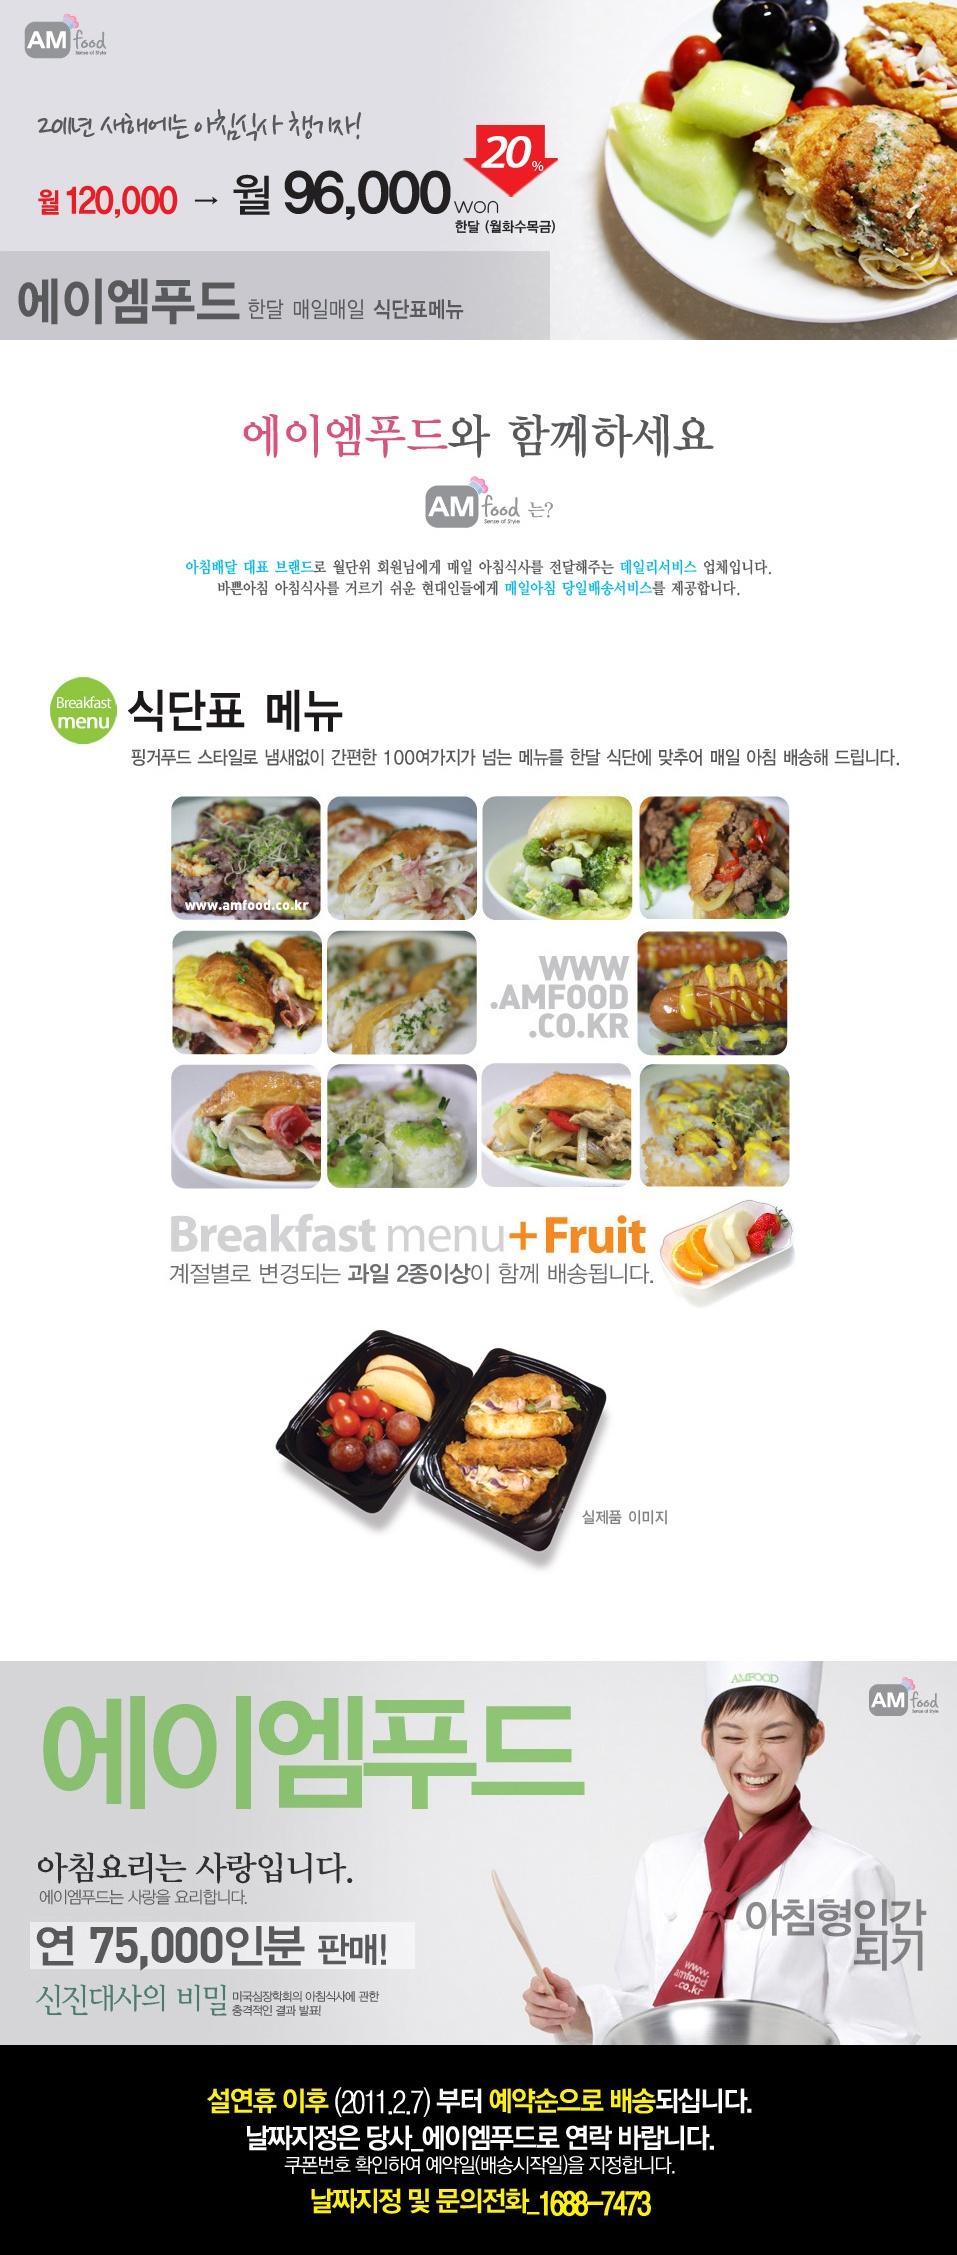 시크릿가든김주원이먹을법한아침식사!!소셜커머스..